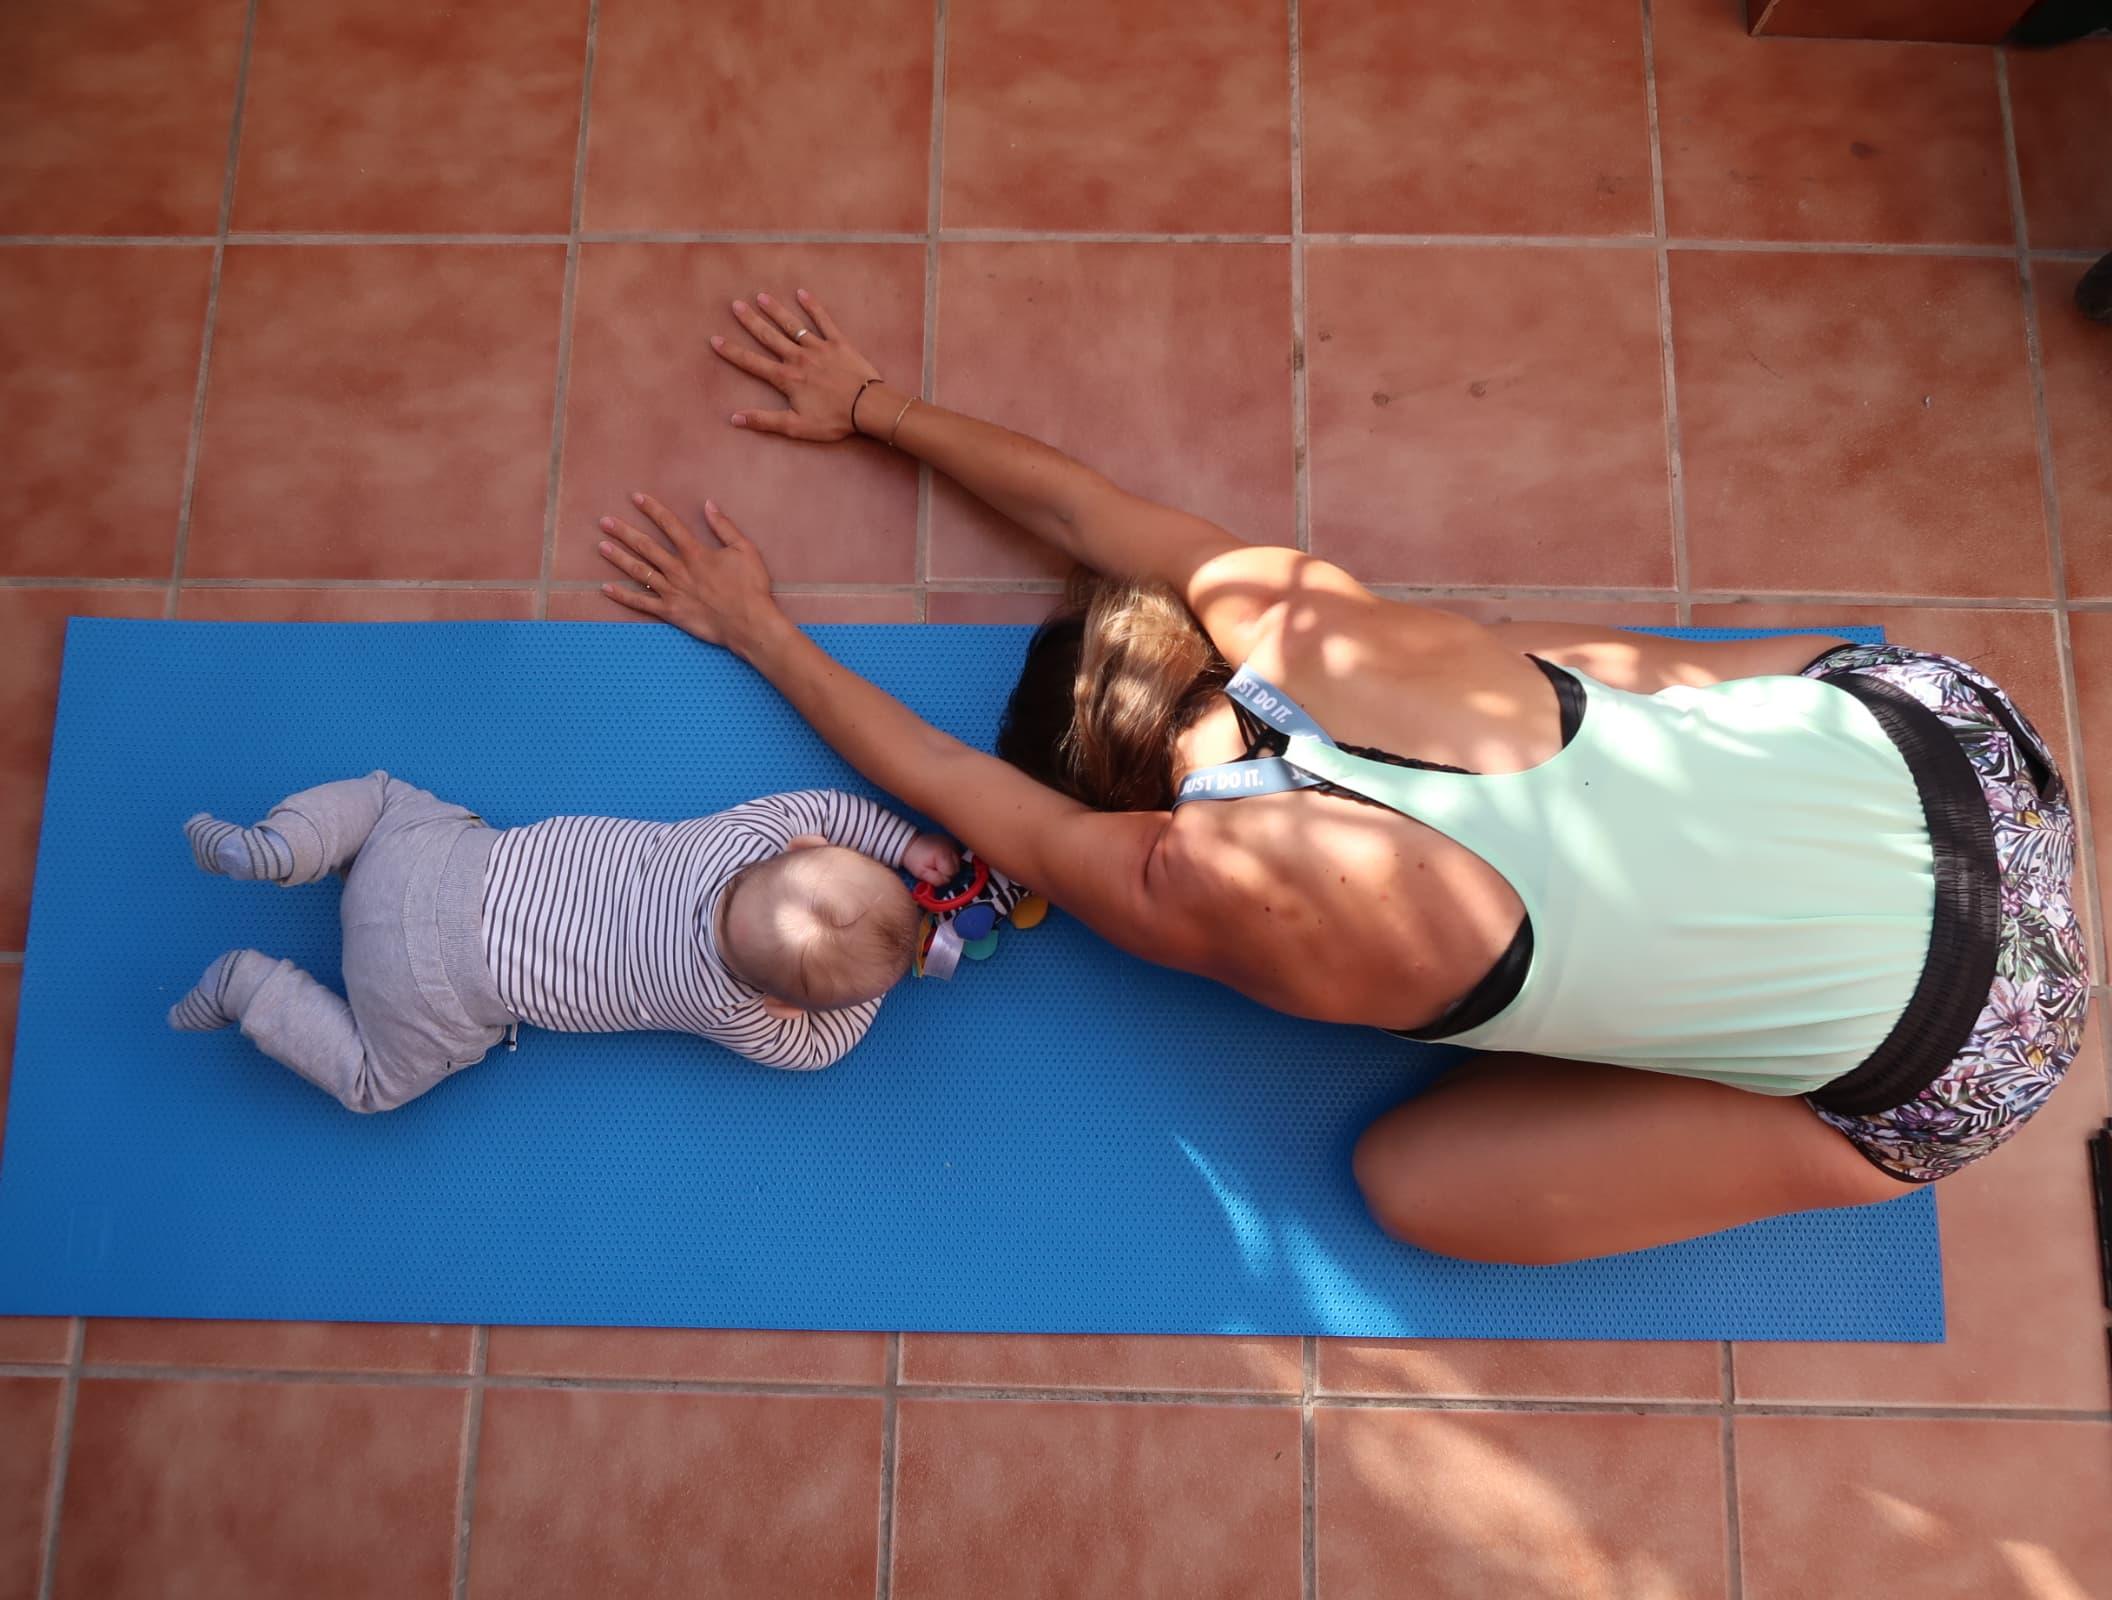 Najlepsza pomoc w walce z napięciami? Mobility i ćwiczenia oddechowe!